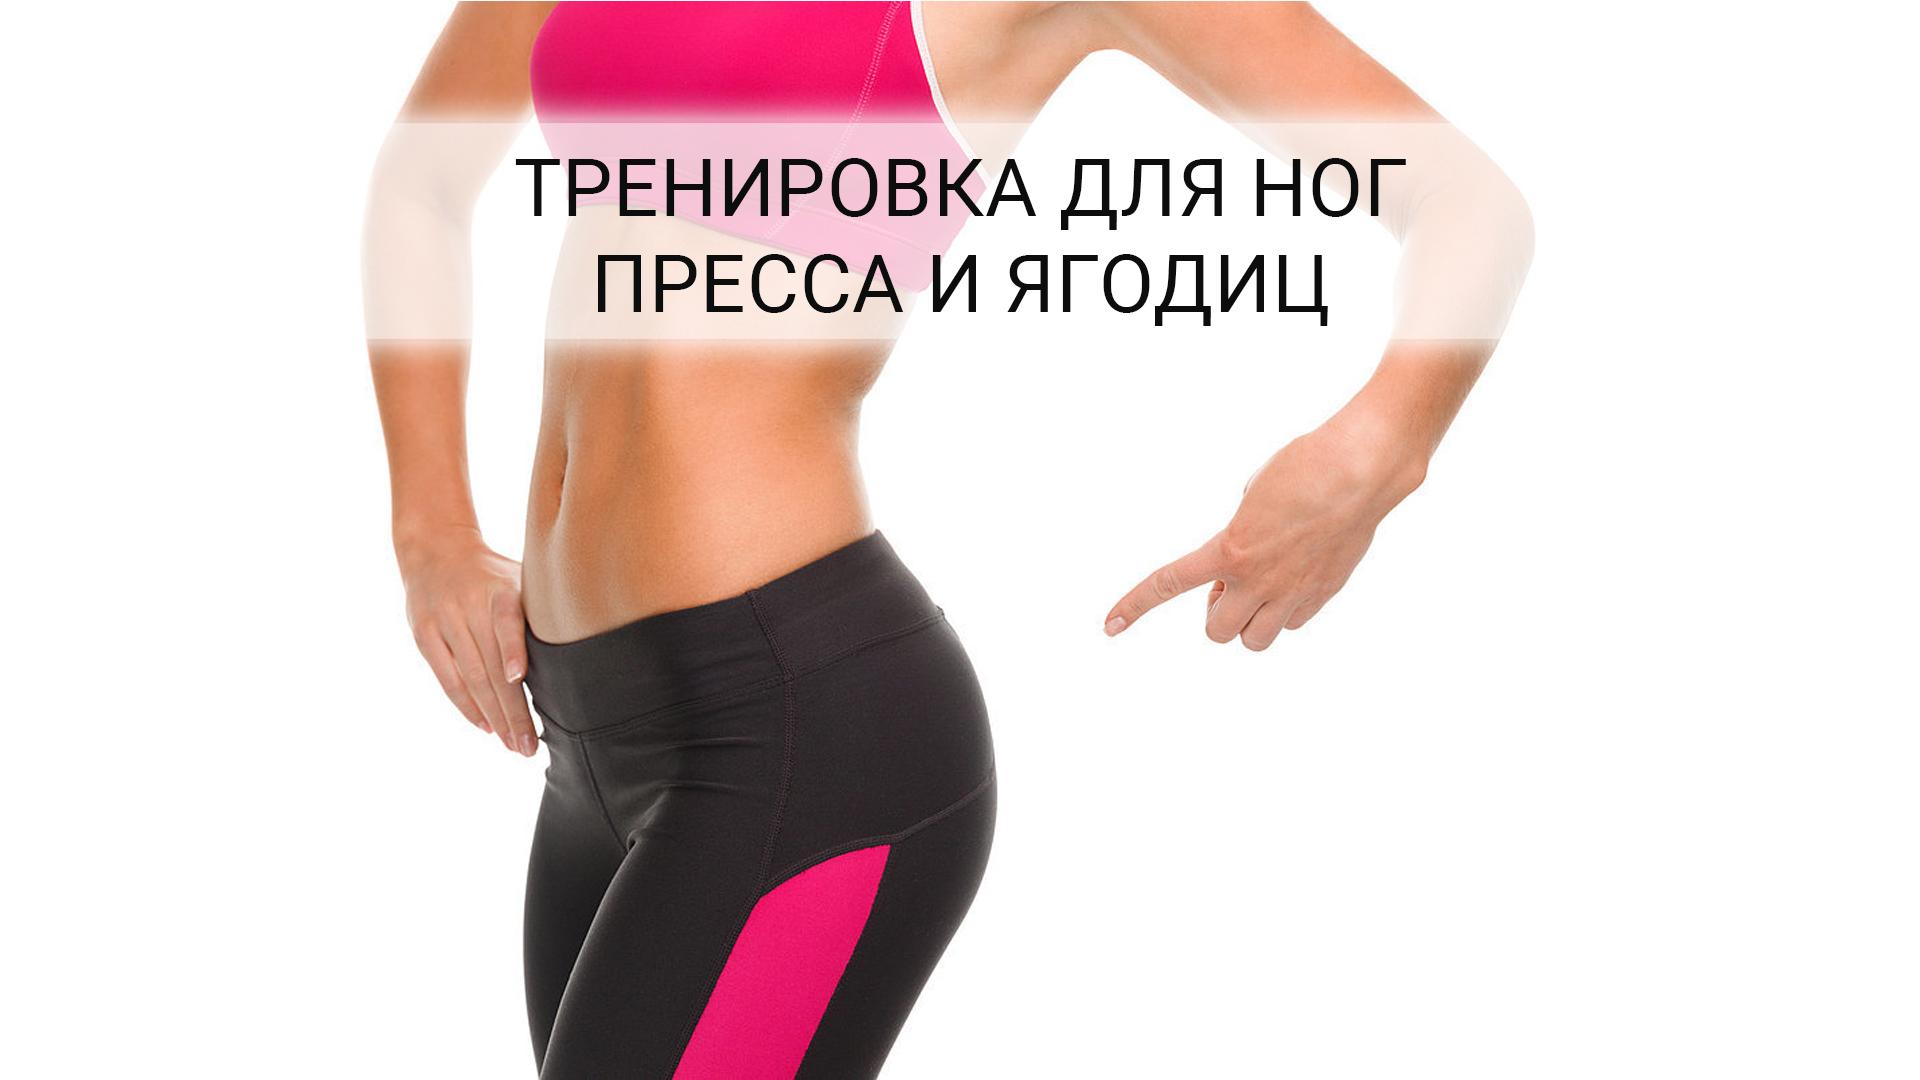 Тренировка для ног, пресса и ягодиц